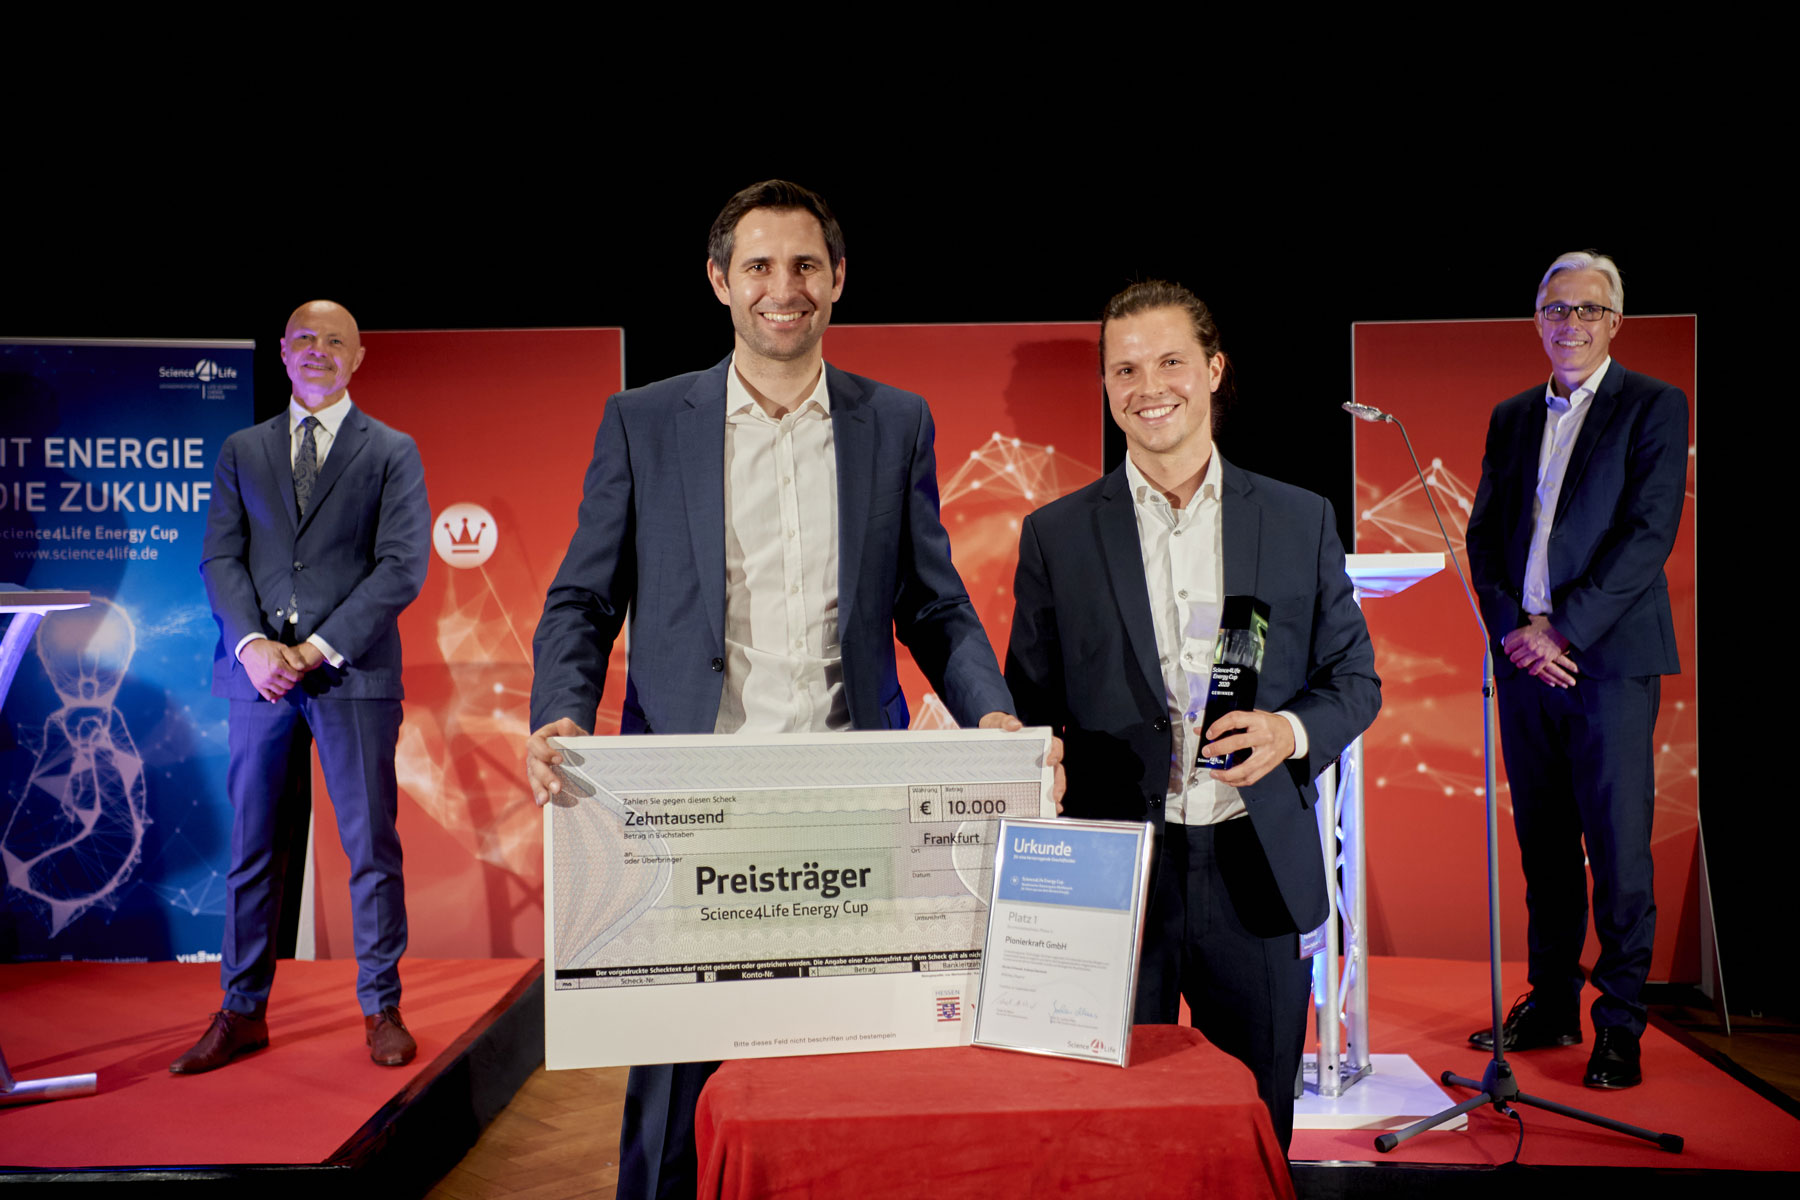 Science4Life Energy Cup, Gewinner Businessplan Wettbewerb Pionierkraft